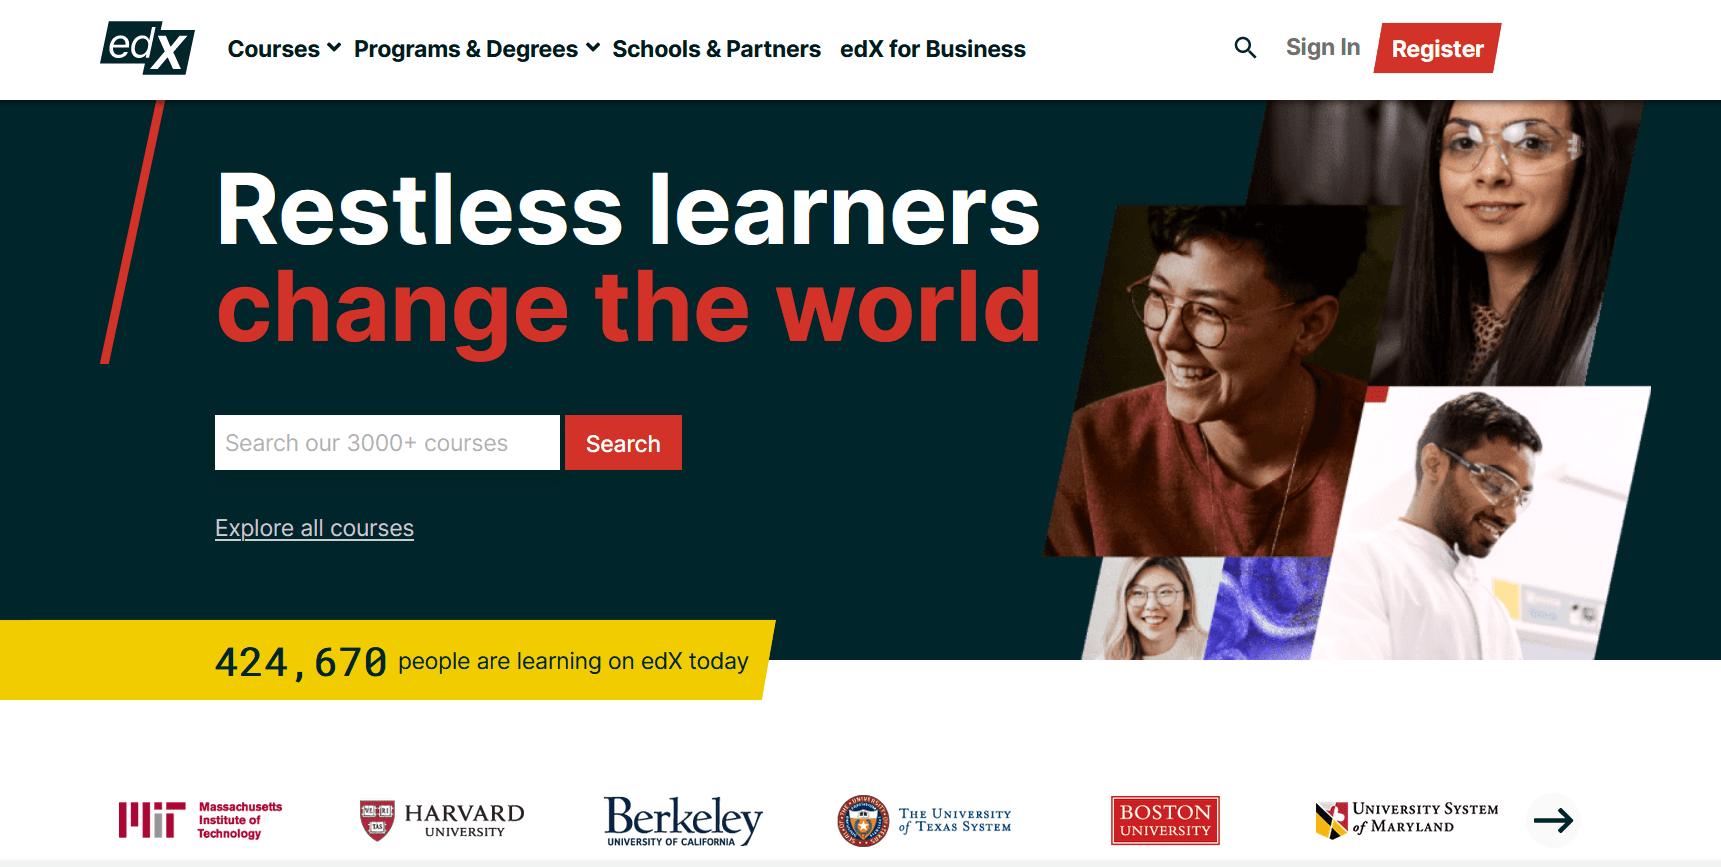 edx best online education